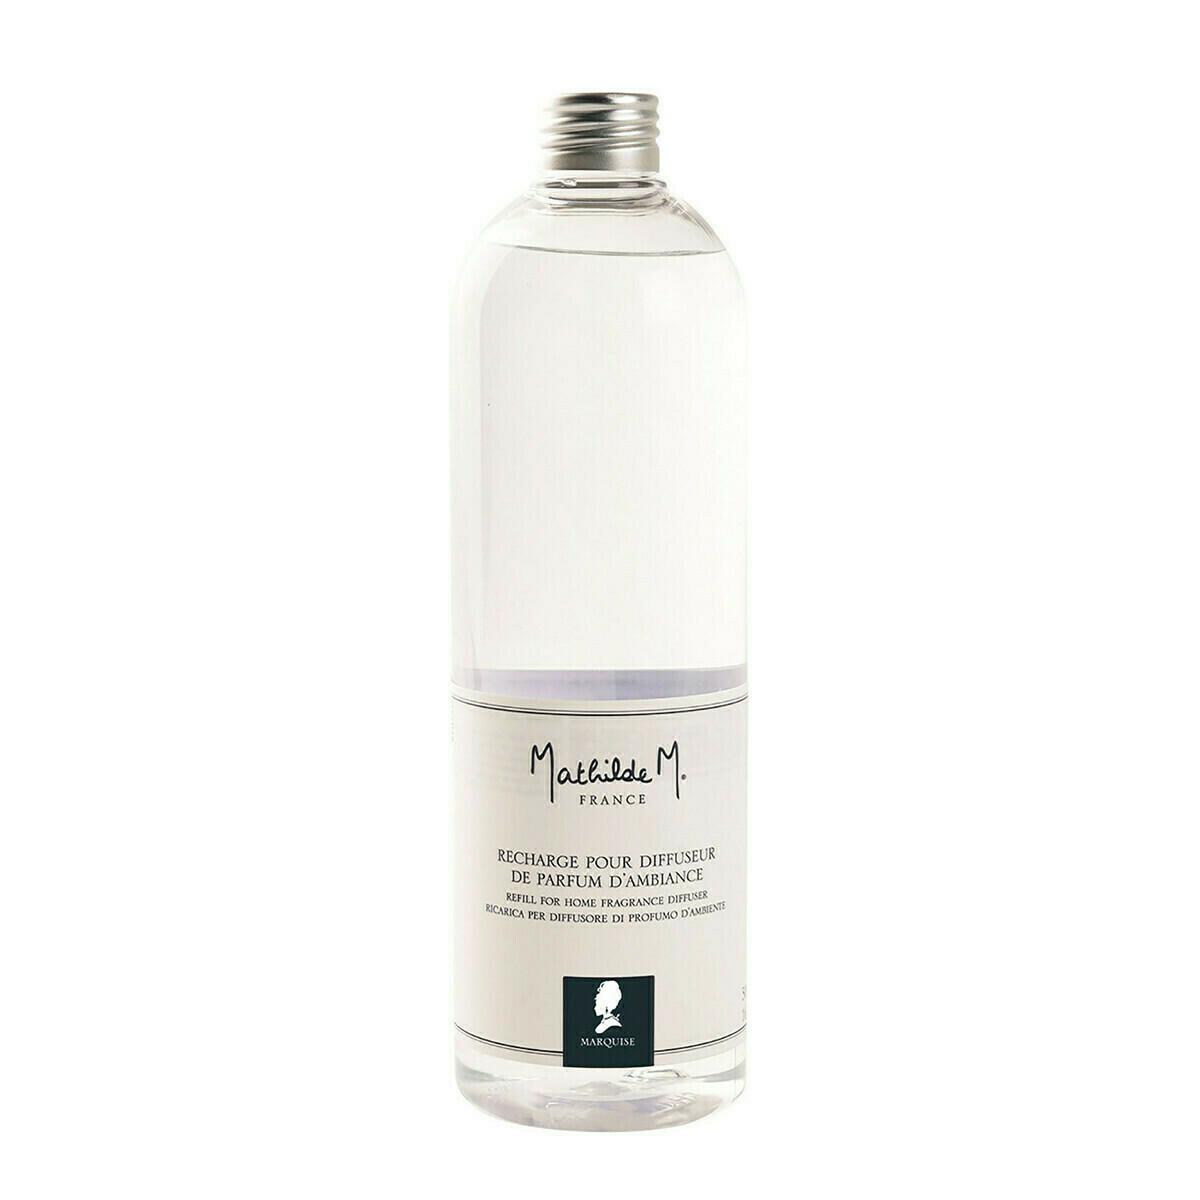 RECHARGE POUR DIFFUSEUR DE PARFUM D'AMBIANCE - 500 ml - FLEUR DE COTON